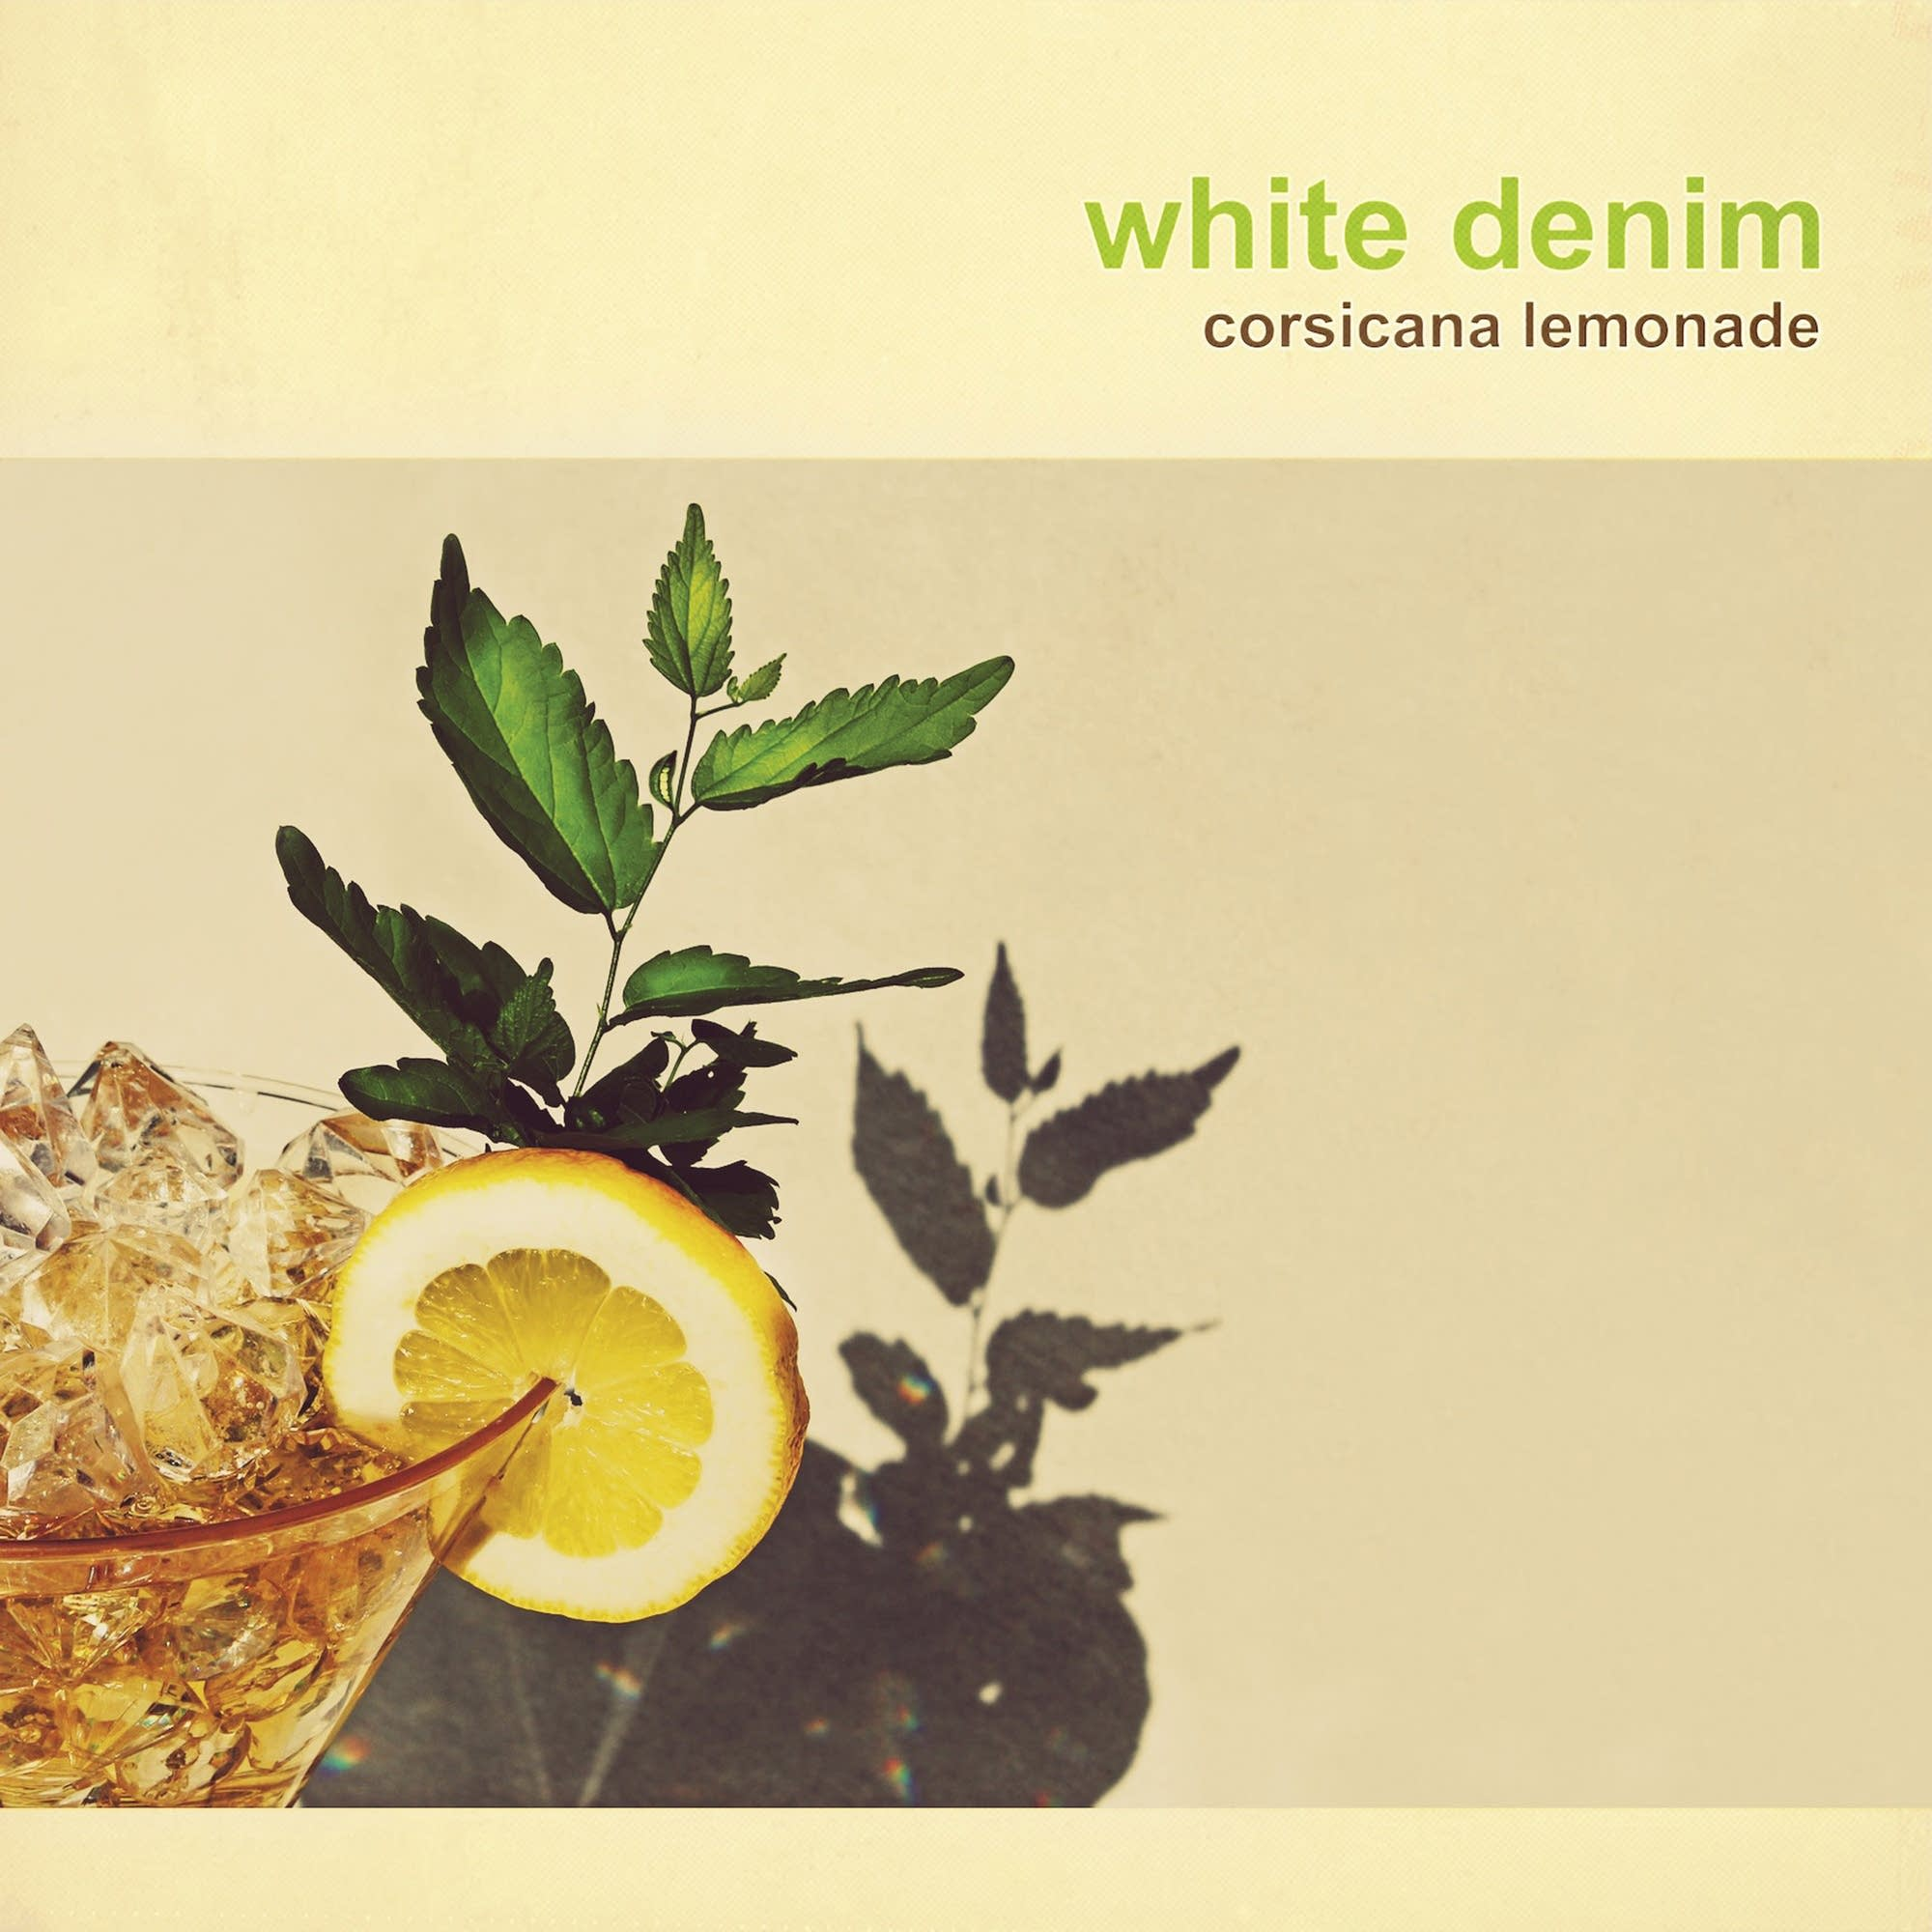 ¿Qué Estás Escuchando? - Página 3 Fe4522-20131018-white-denim-corsicana-lemonade